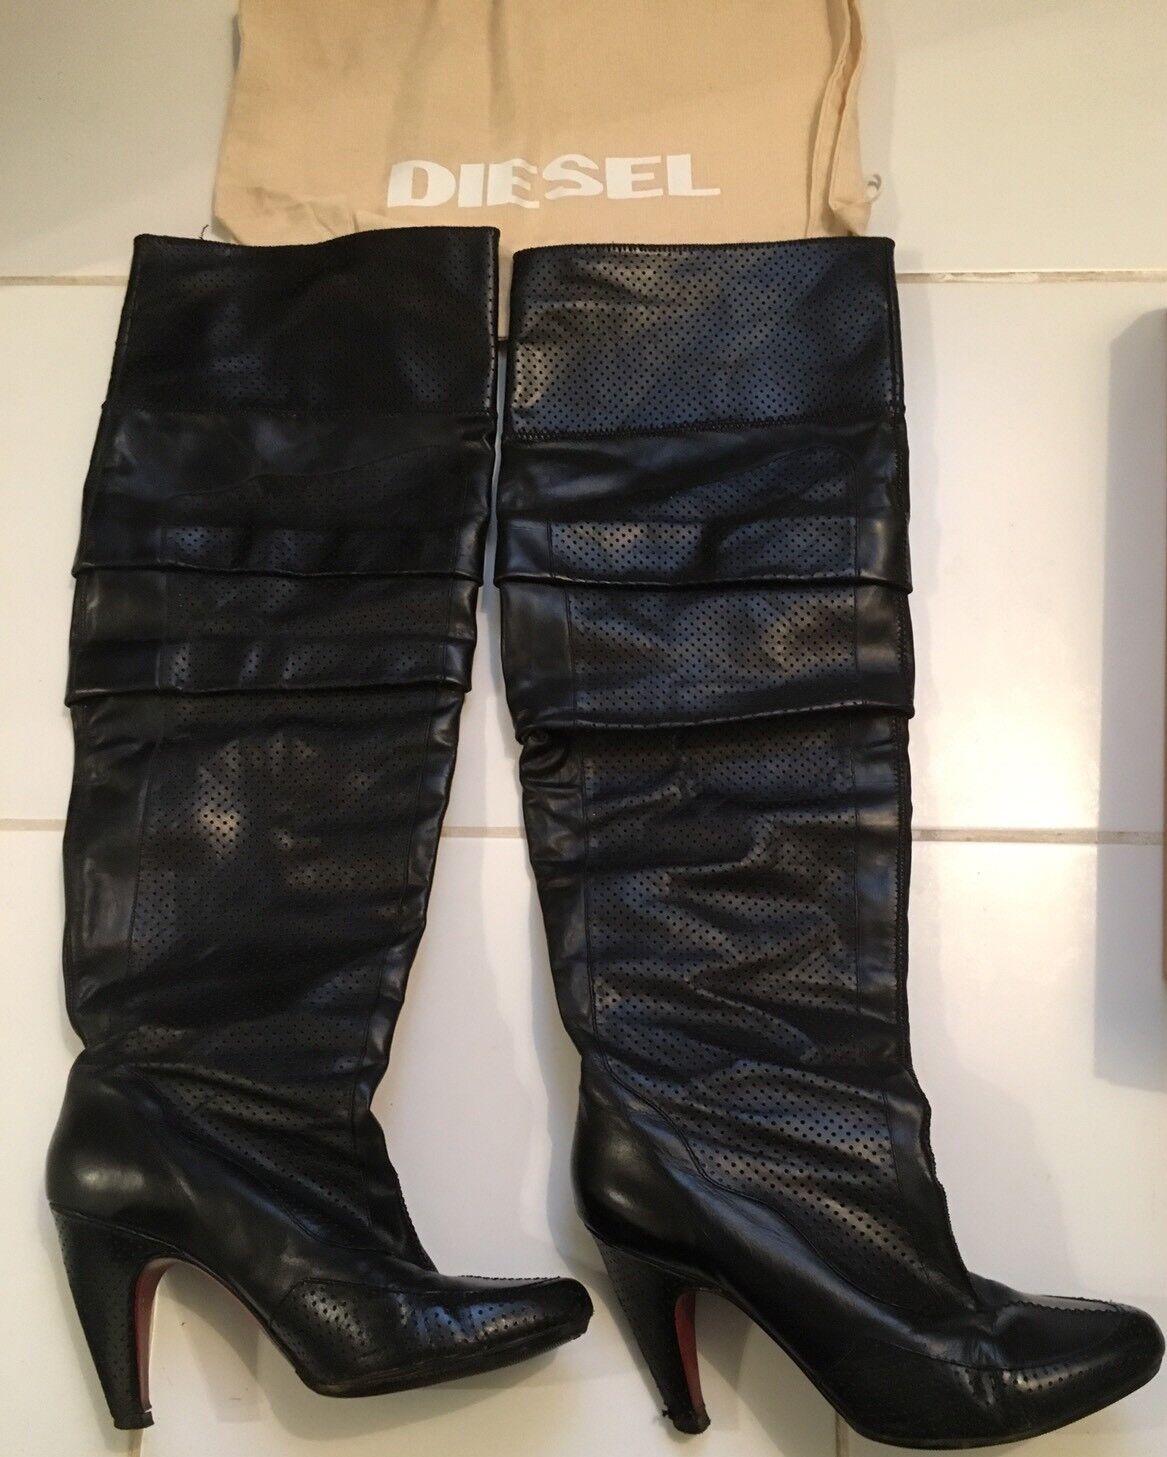 Bottes Diesel Noires Taille 39